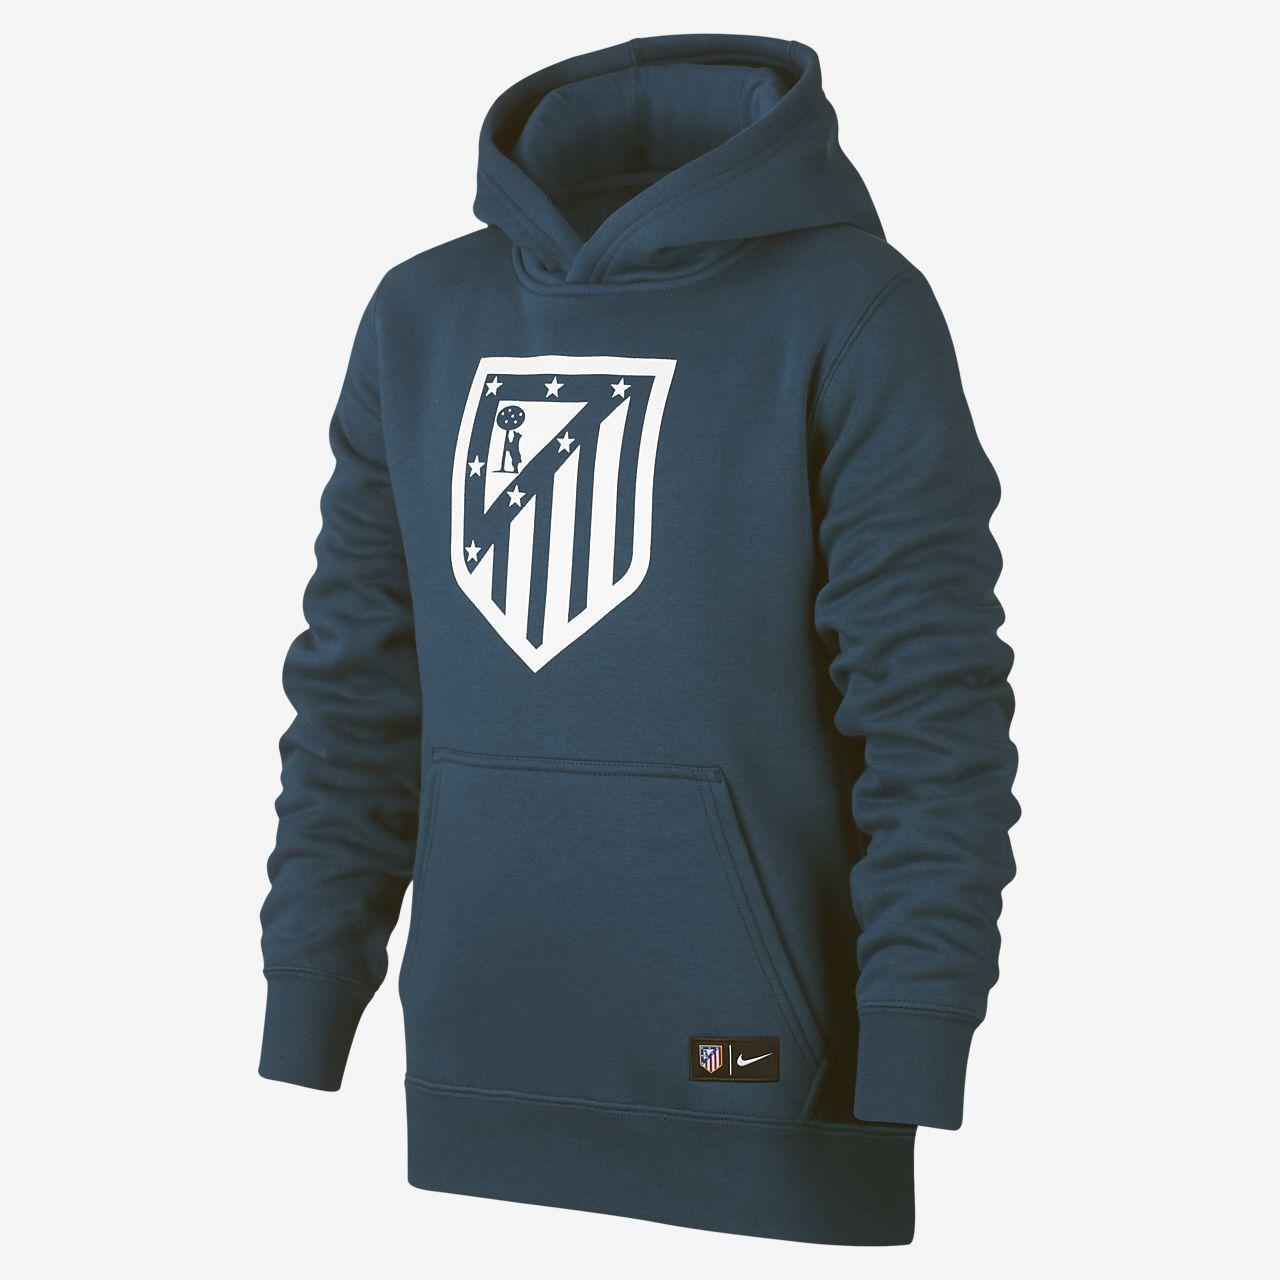 1cf3ffd17 Atlético Madrid Older Kids  Sweatshirt Hoodie. Nike.com CA